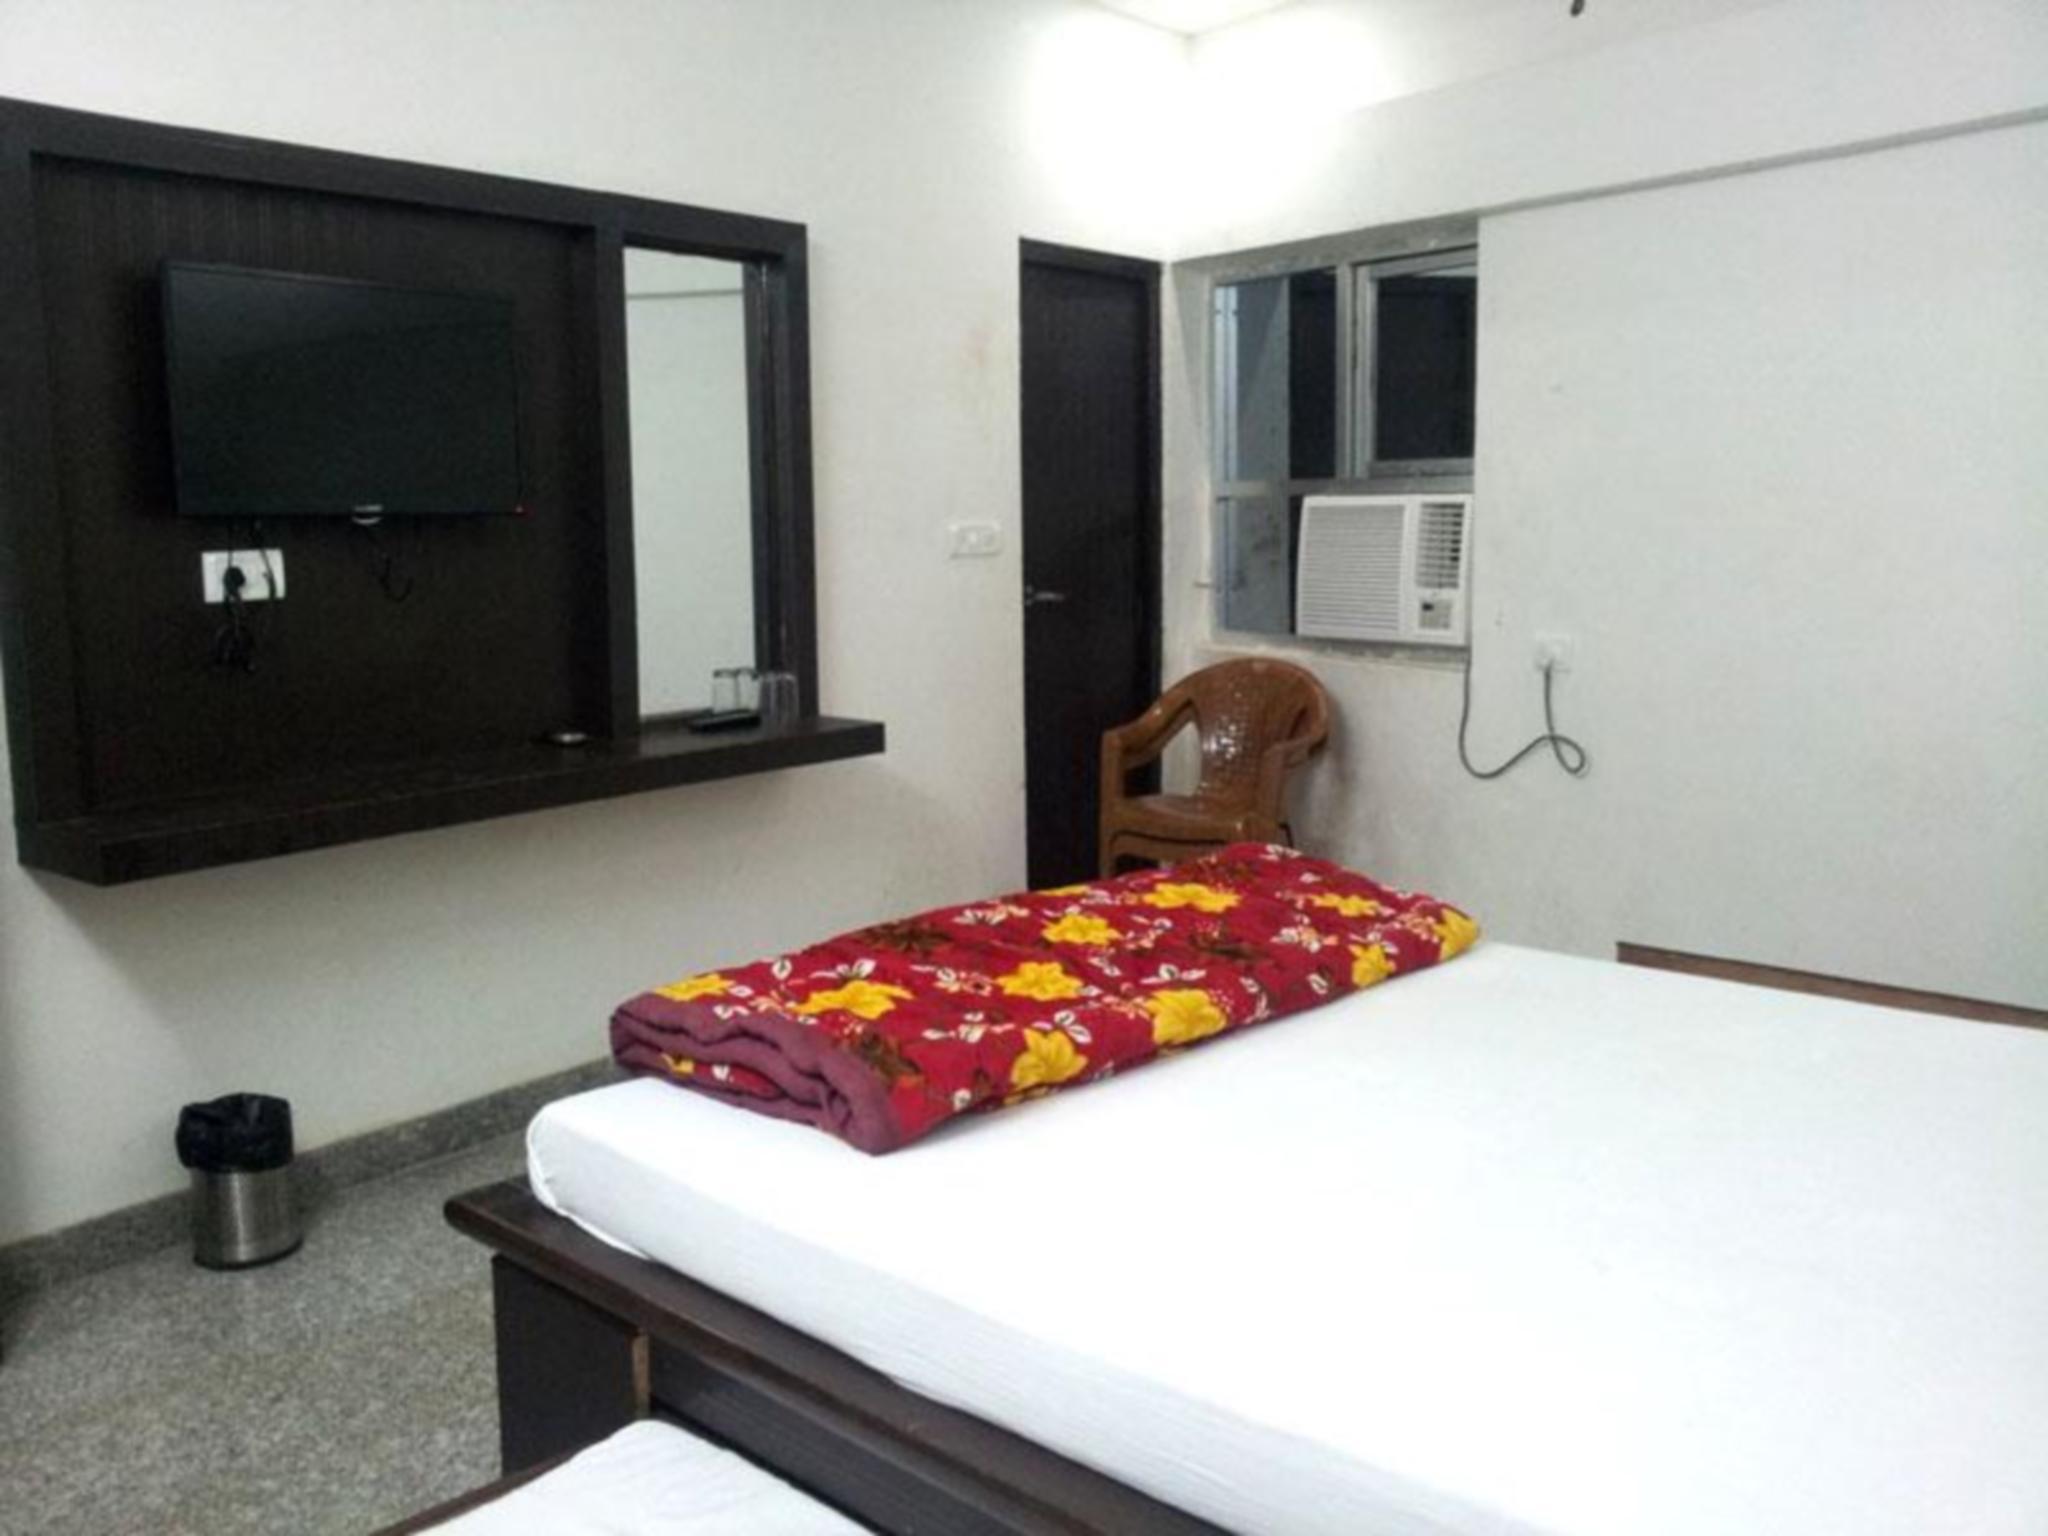 Discount Hotel Avtar Palace